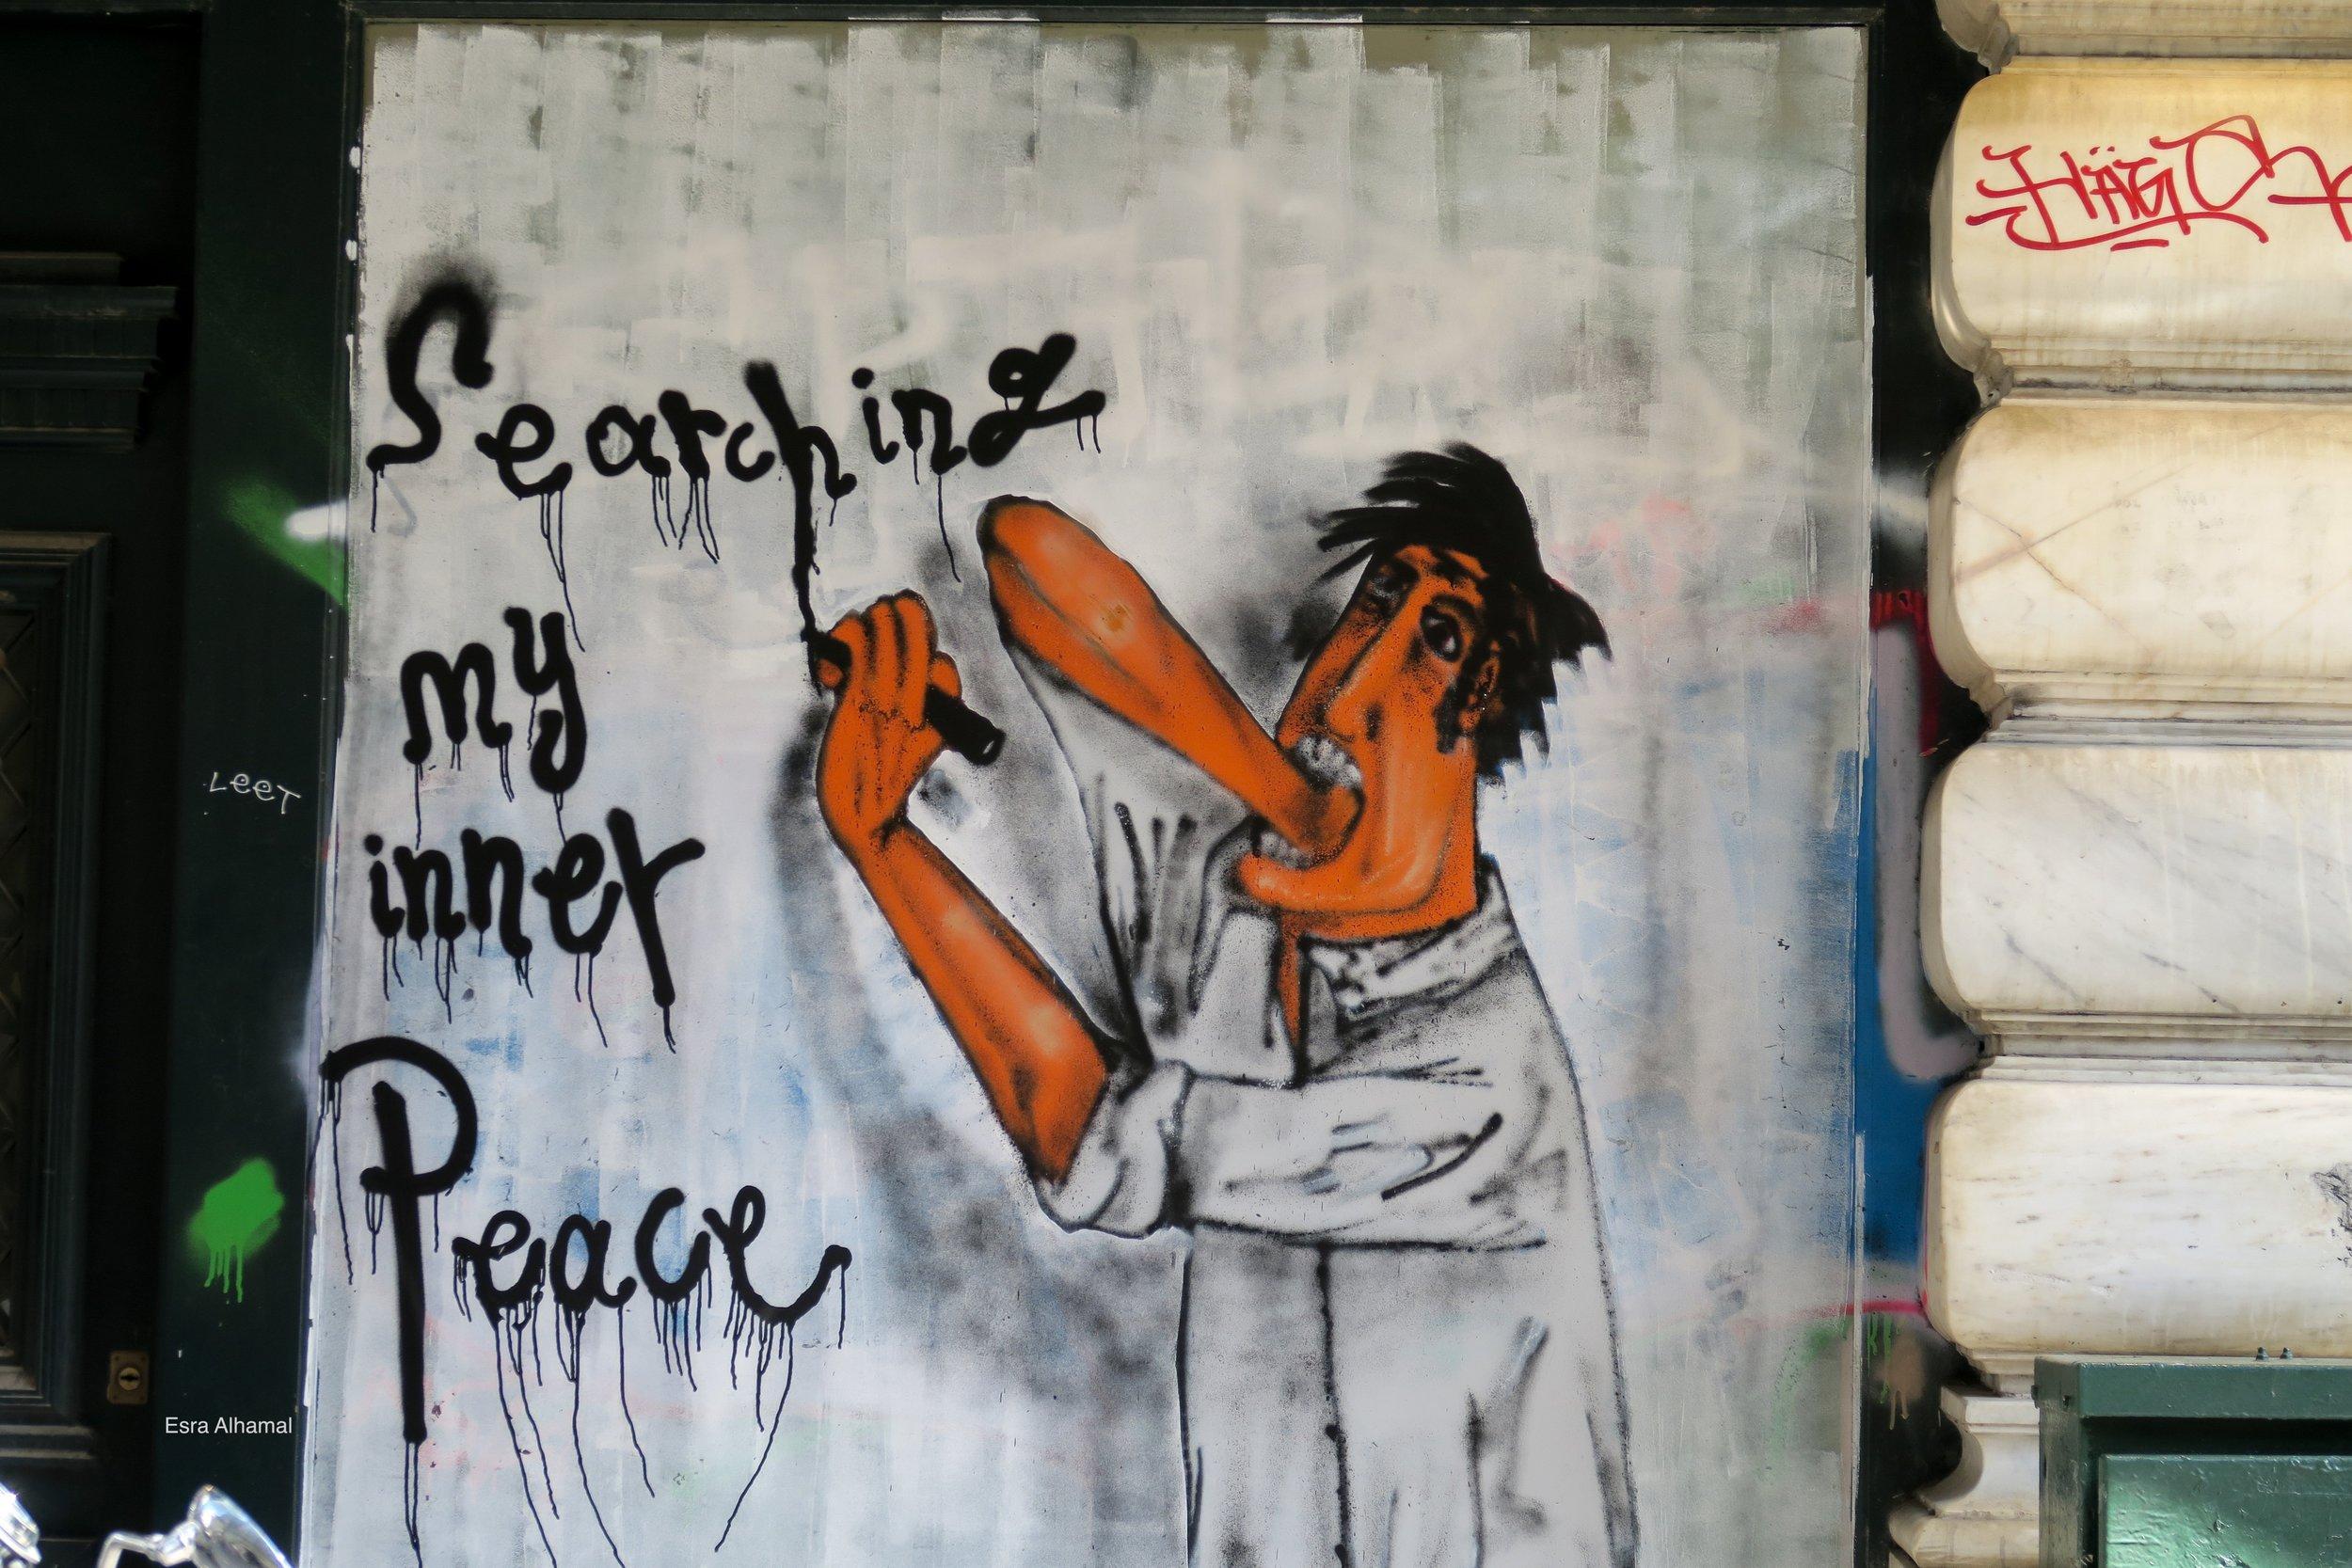 Searching My Inner Peace Graffiti